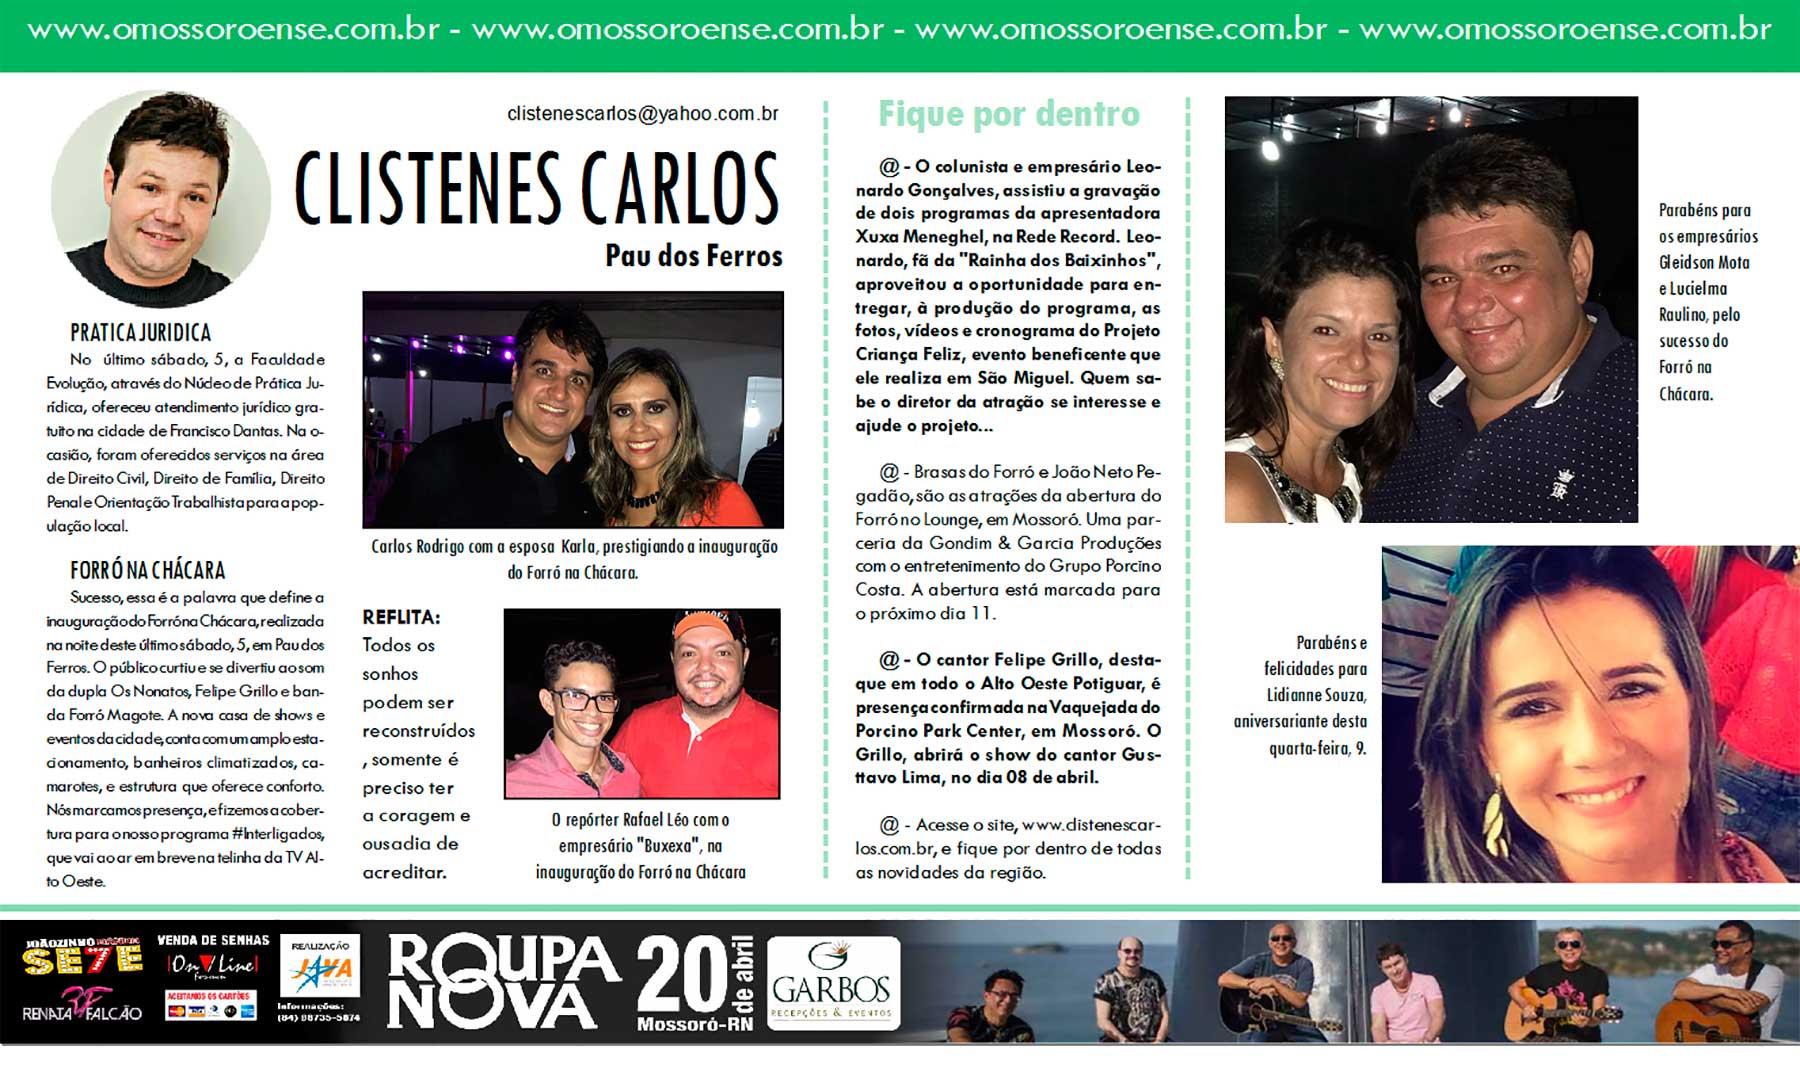 CLISTENES-CARLOS-08-03-2016